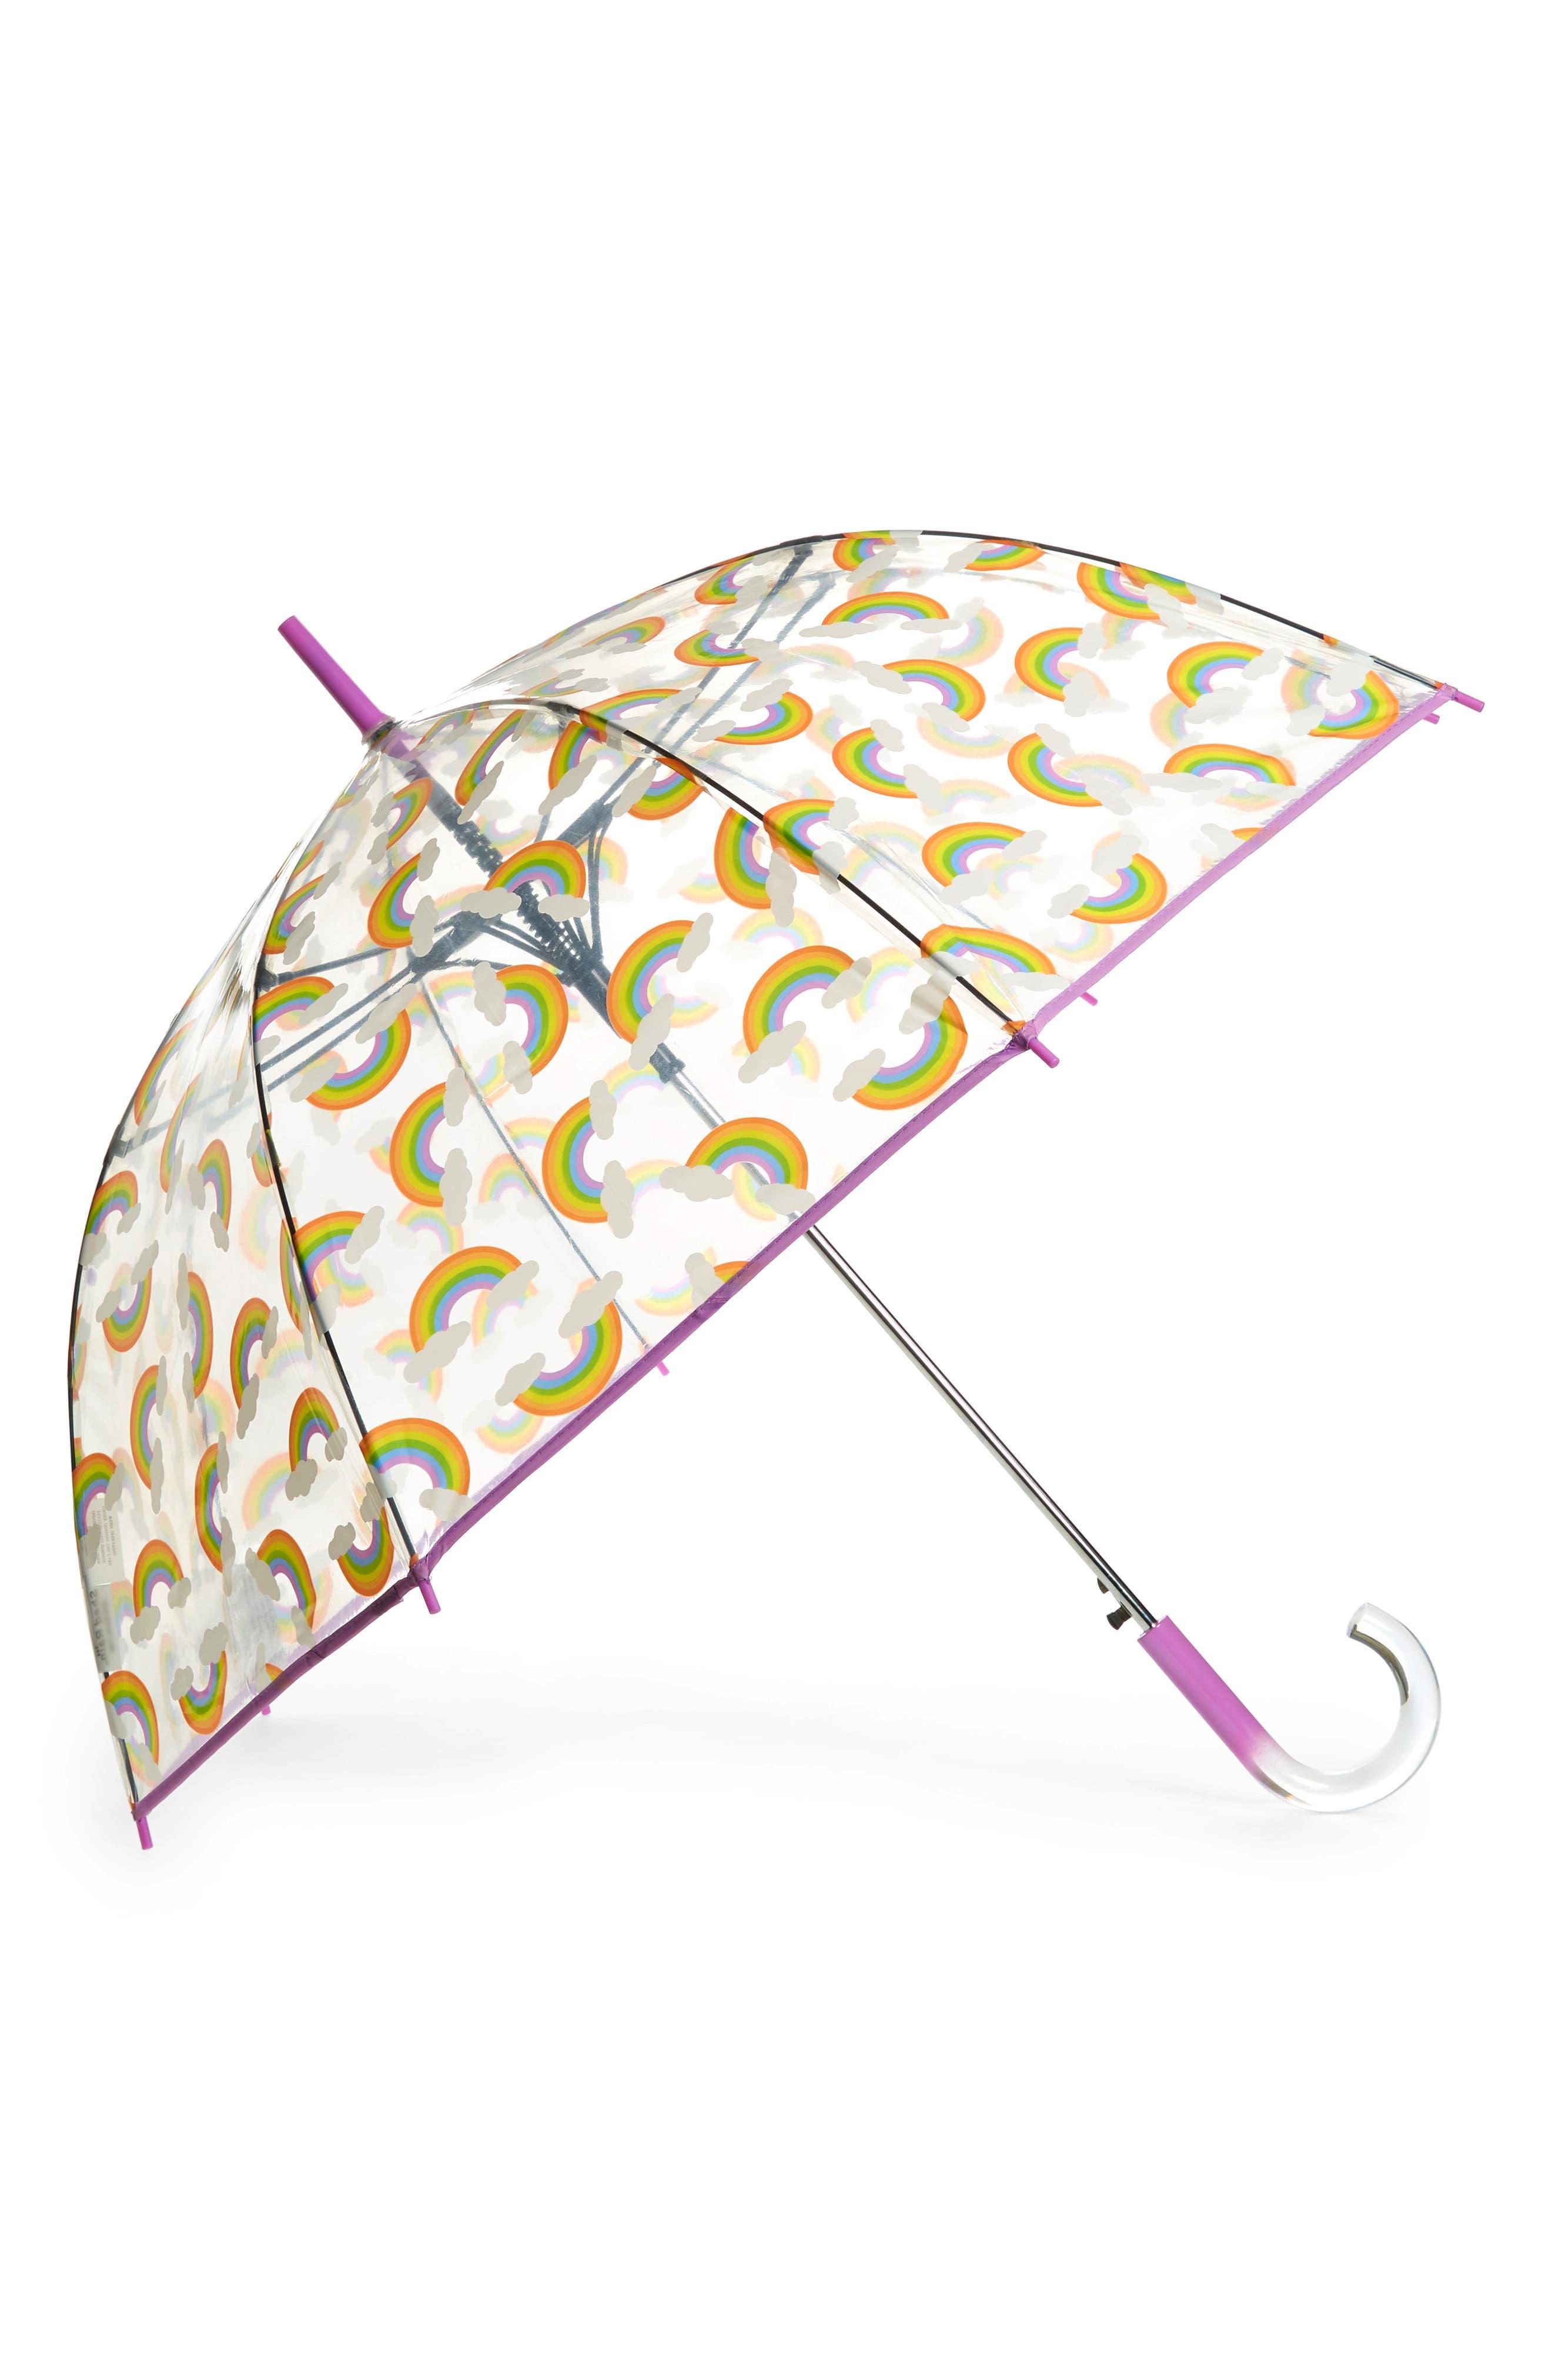 SHEDRAIN 'The Bubble' Auto Open Stick Umbrella, Main, color, DREAM CLEAR